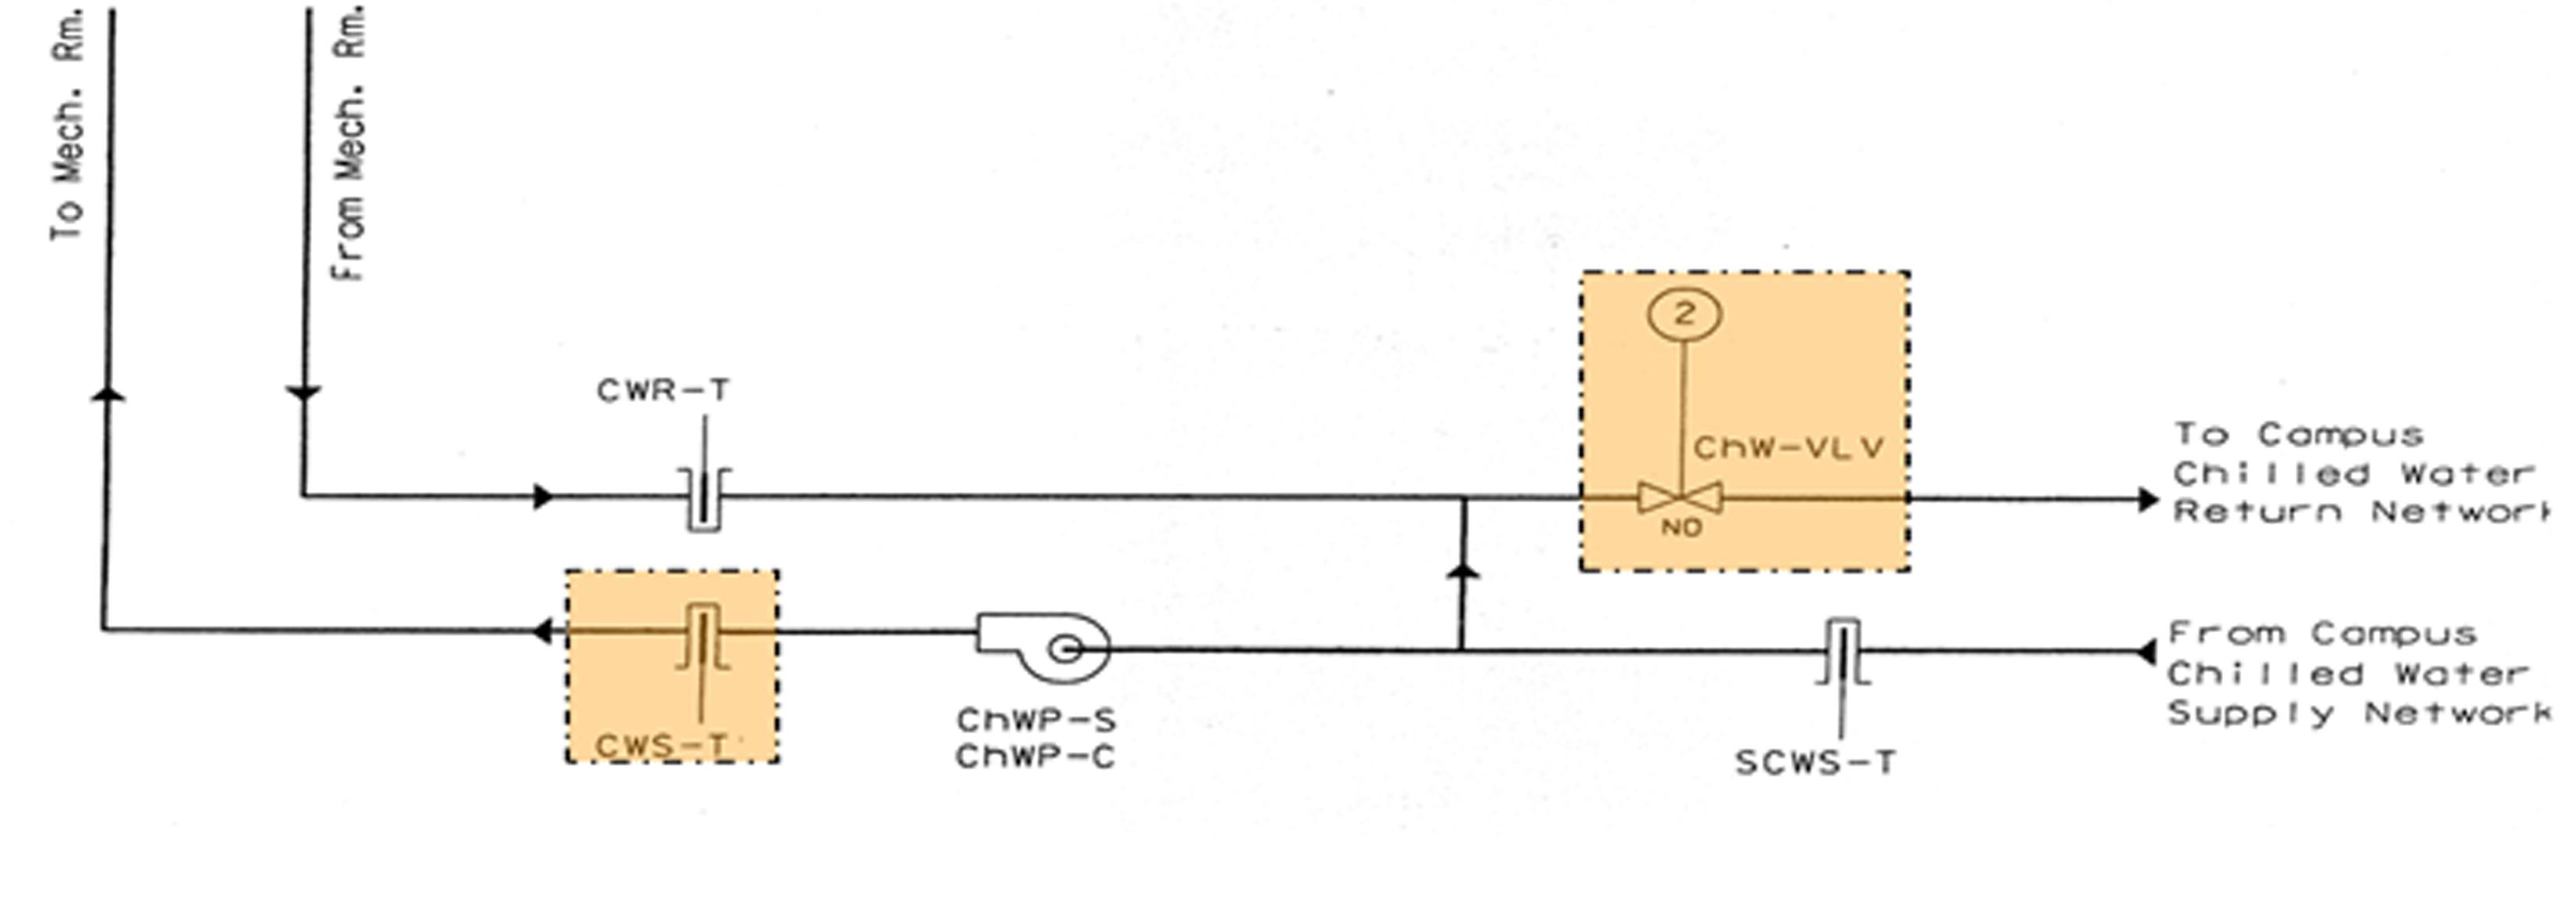 Water Flow Meter Circuit Diagram Trusted Wiring Diagrams Loop Connection U2022 Electric